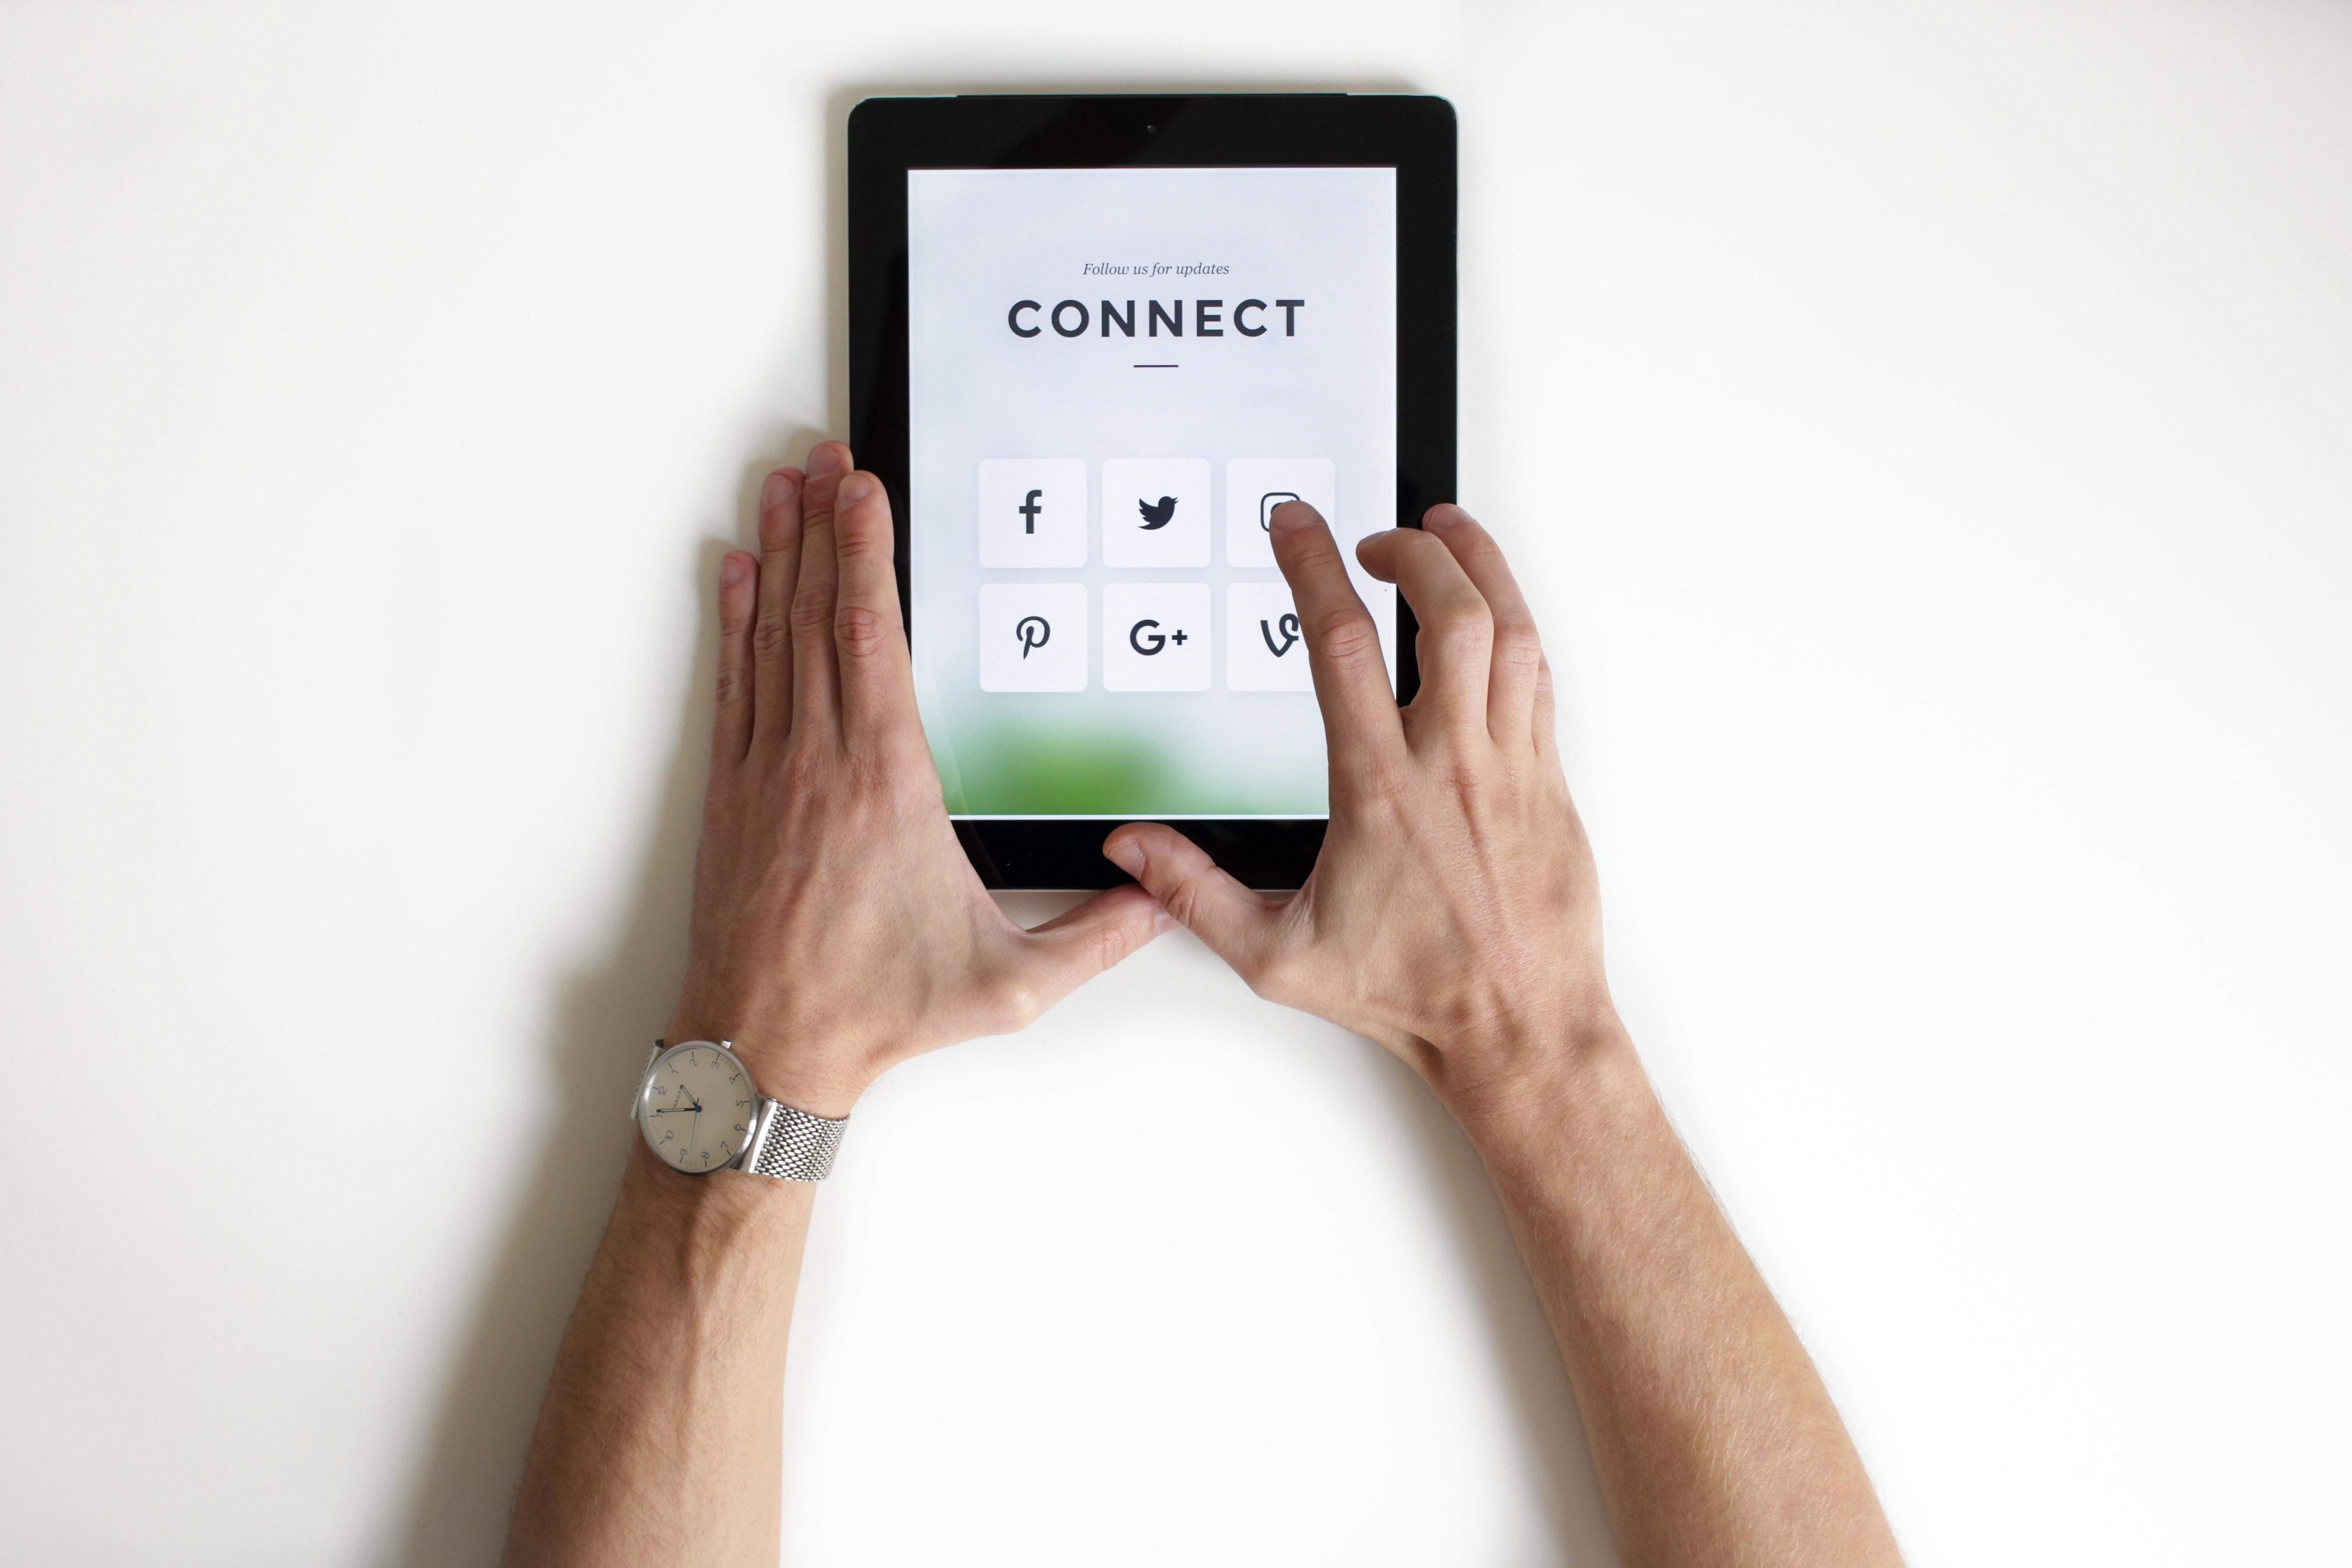 nordwood themes 359015 unsplash - Рекрутинг в социальных сетях: 8 эффективных способов поиска сотрудников